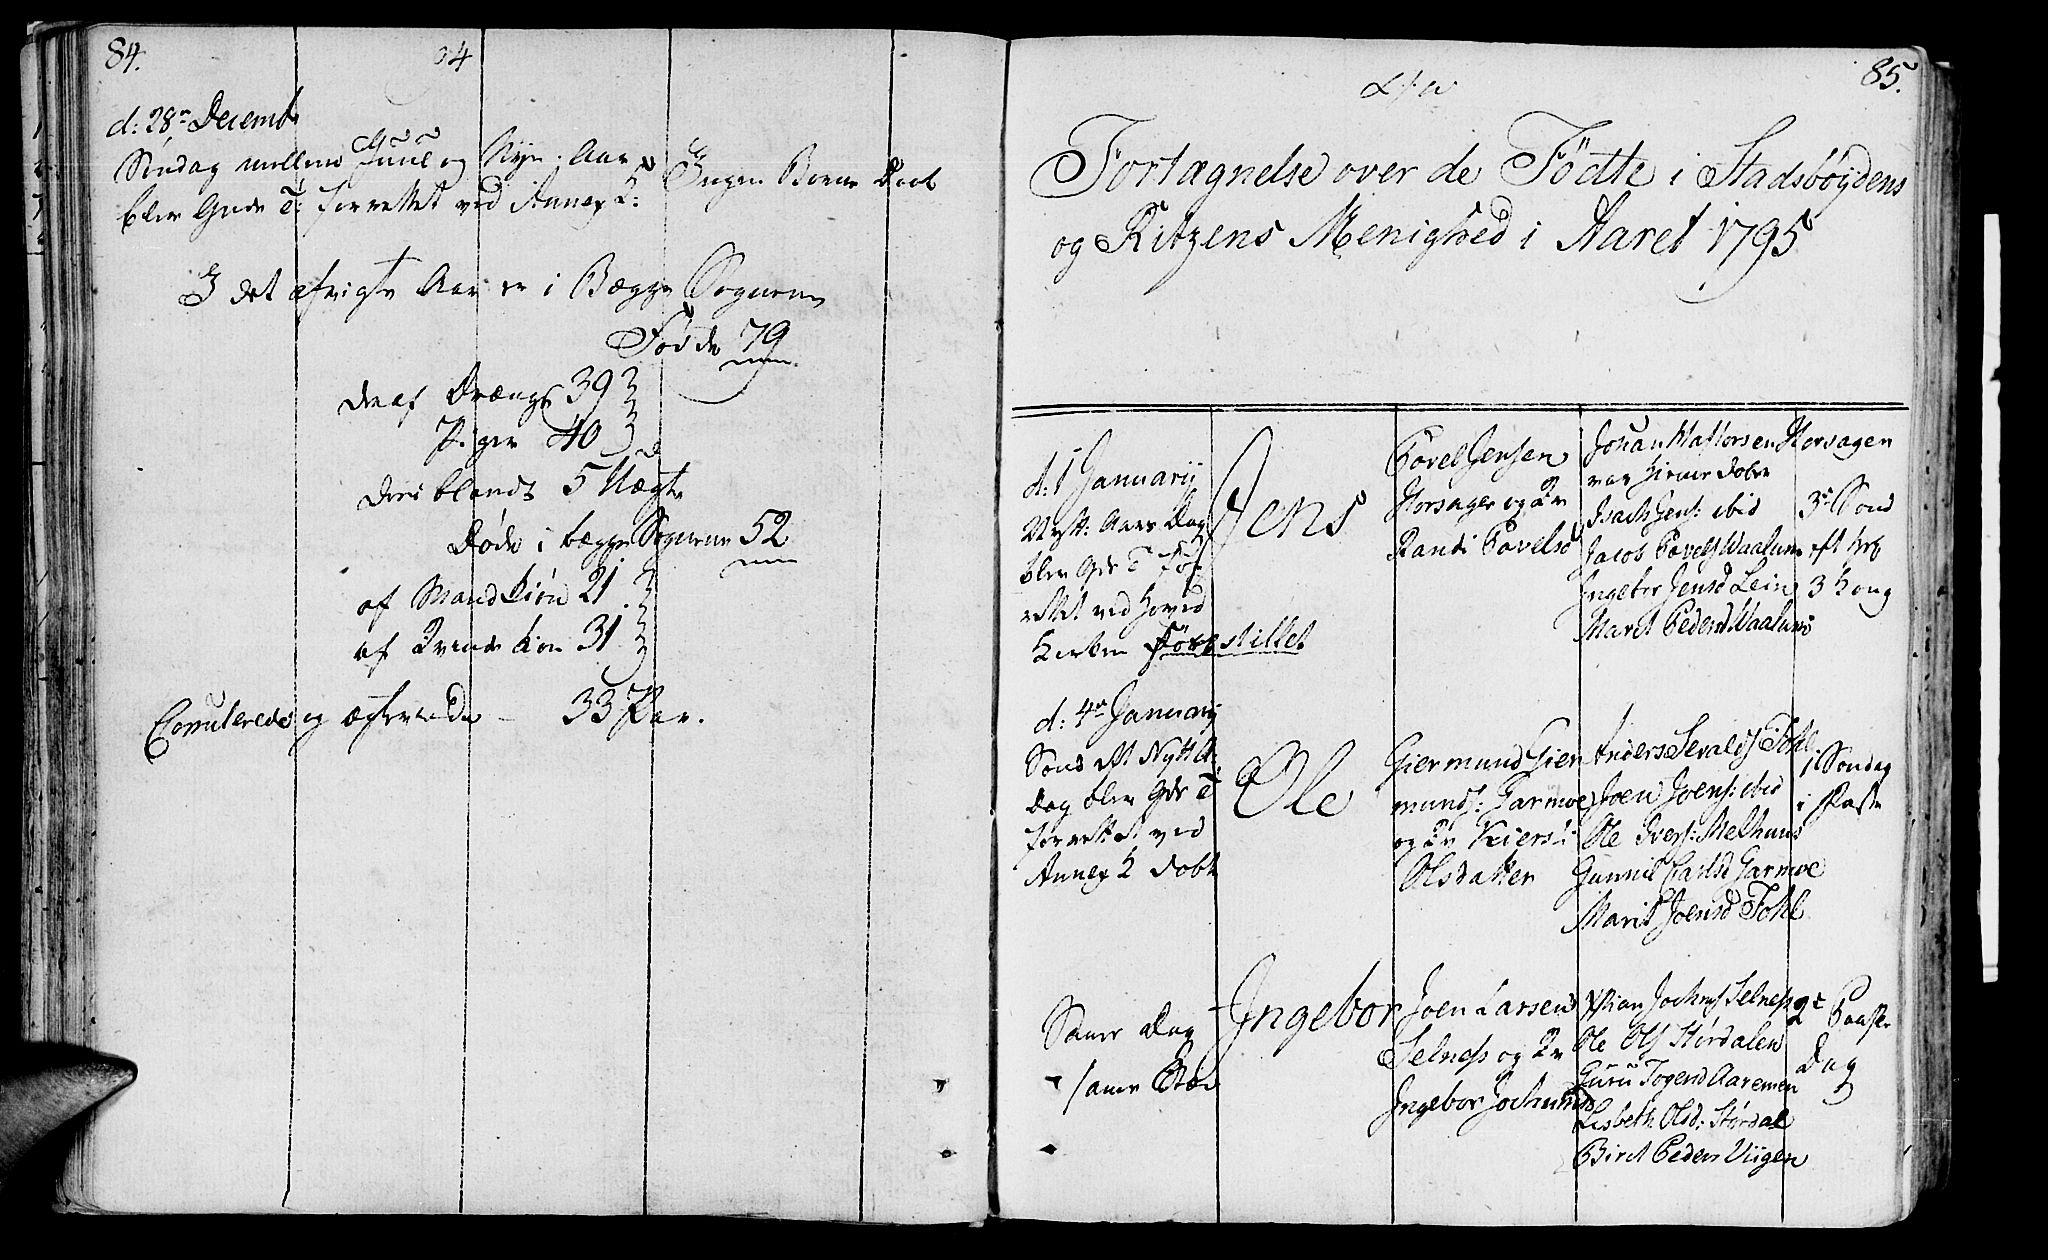 SAT, Ministerialprotokoller, klokkerbøker og fødselsregistre - Sør-Trøndelag, 646/L0606: Ministerialbok nr. 646A04, 1791-1805, s. 84-85